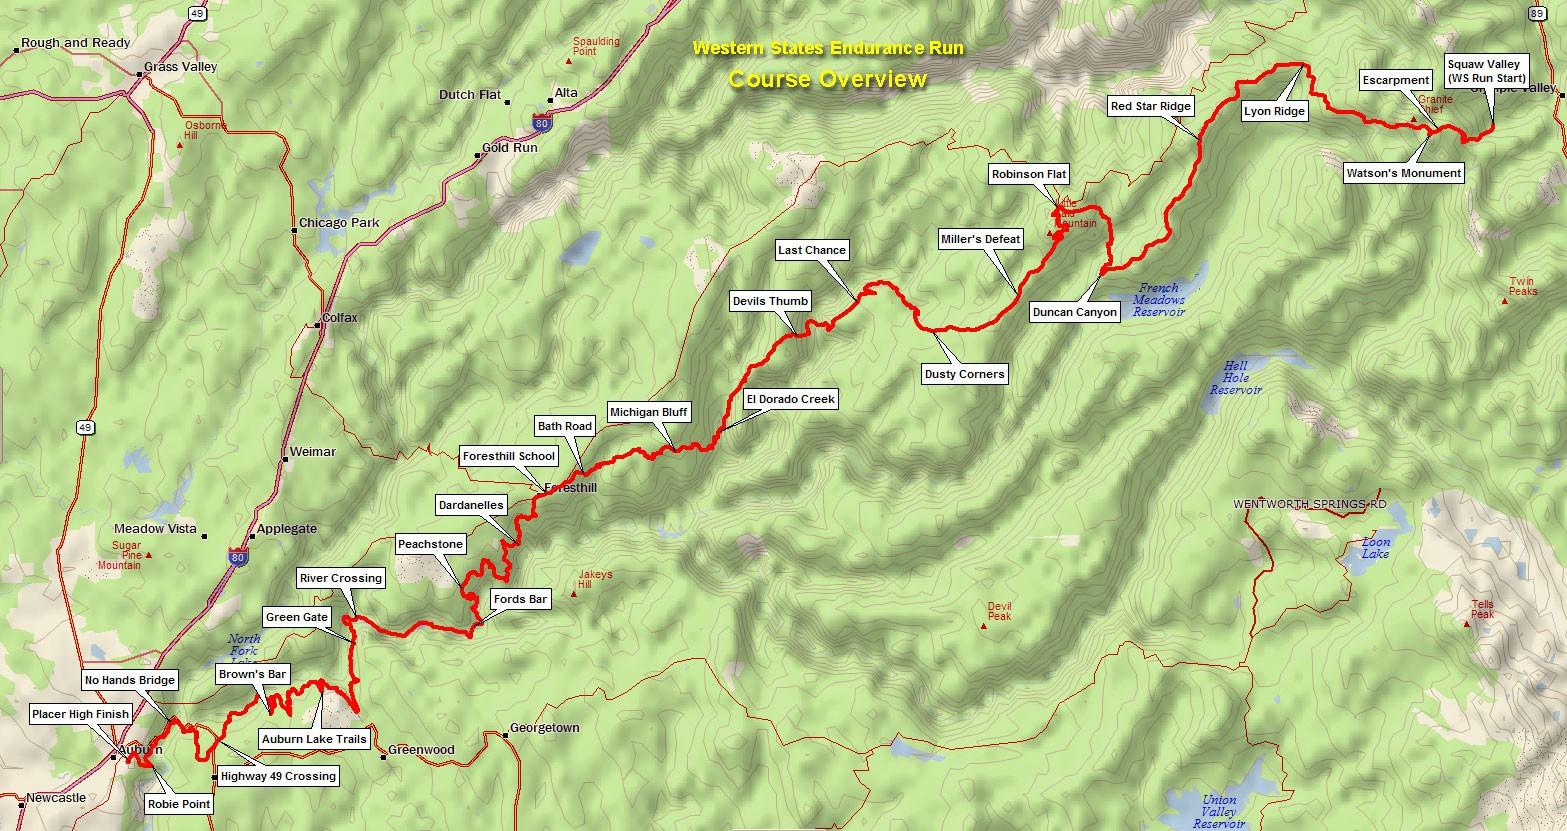 Sơ đồ đường chạy giải Western States 100 (Nguồn: wser.org)